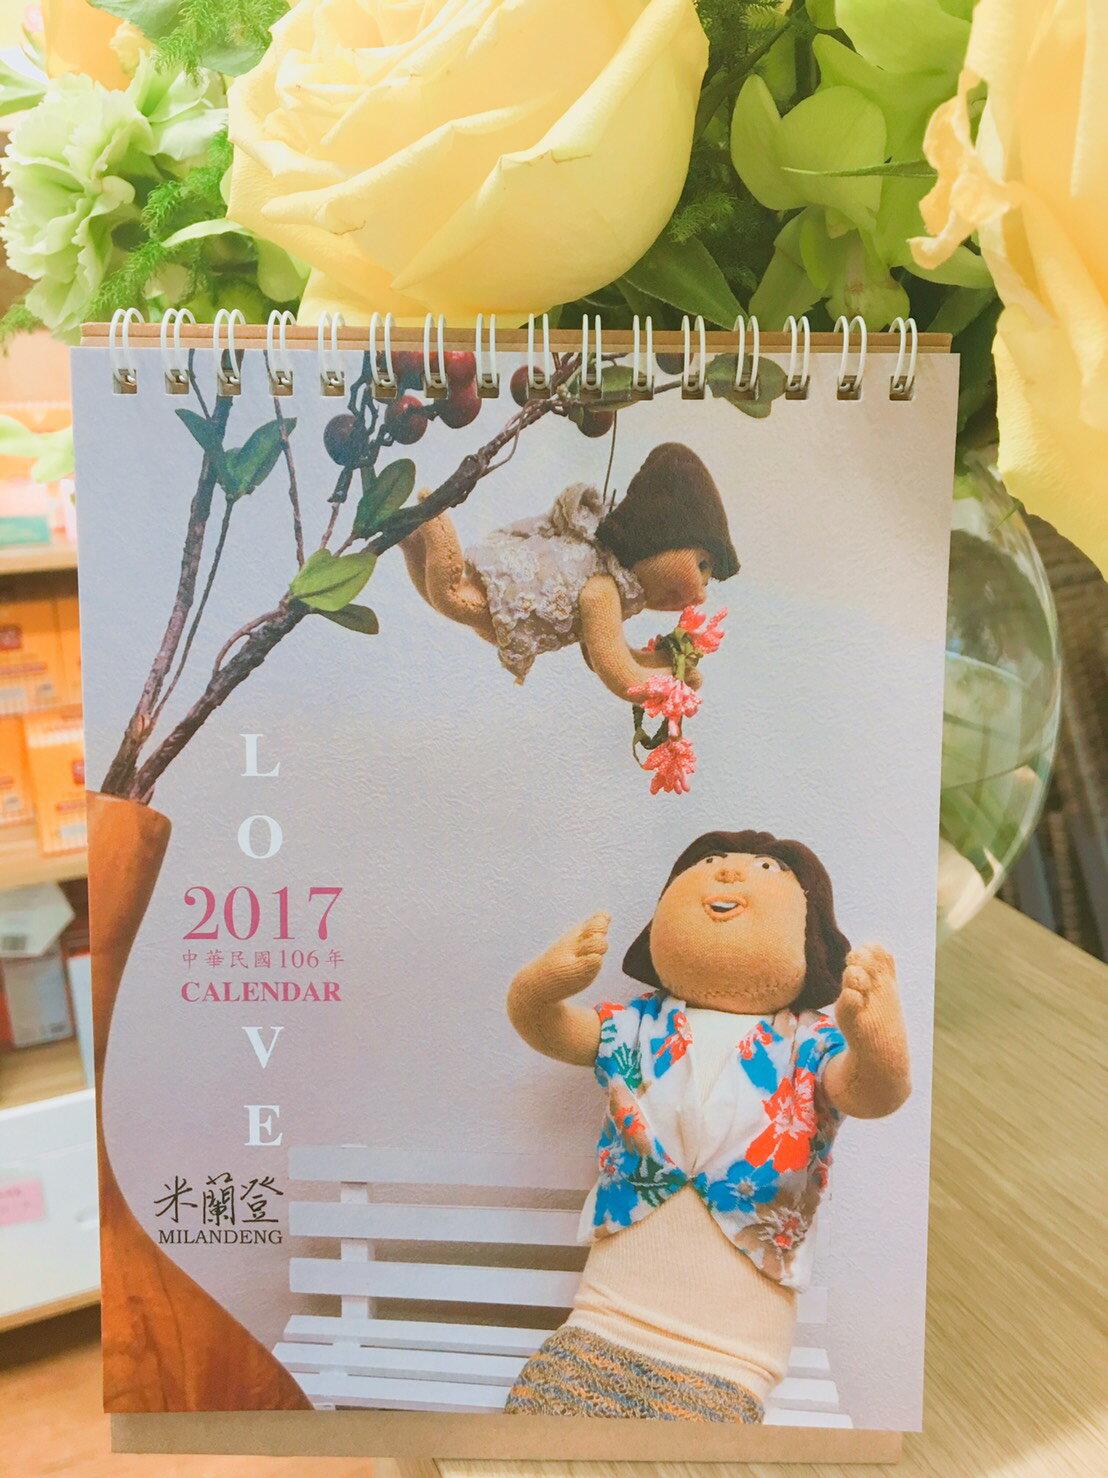 軟雕塑藝術家林金龍作品畫冊 2017年Calendar 直立式照片桌曆/ 桌上型月曆/ 民國106年三角立型桌曆,月曆 年曆